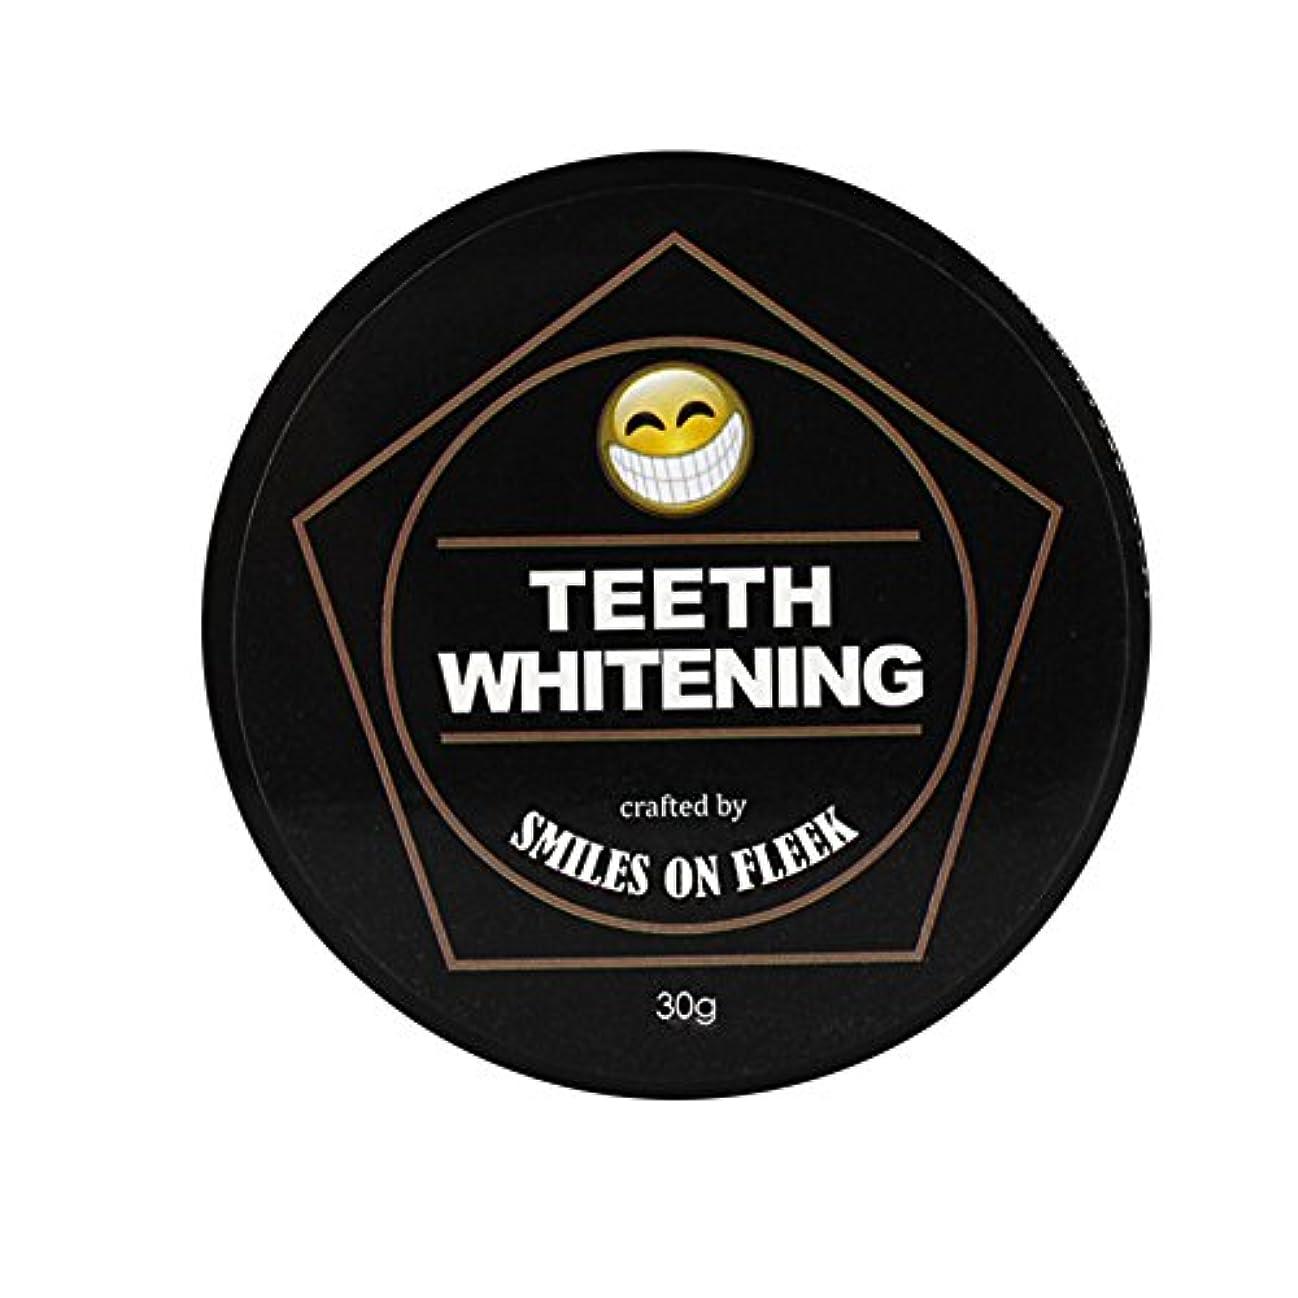 チロ限られた効能TerGOOSE チャコールホワイトニング 歯のホワイトニング チャコール型 マイクロパウダー 歯のホワイトニング 食べれる活性炭 竹炭 黄ばみ落とし 口臭 ヤニ取り 口がスッキリ 30mg